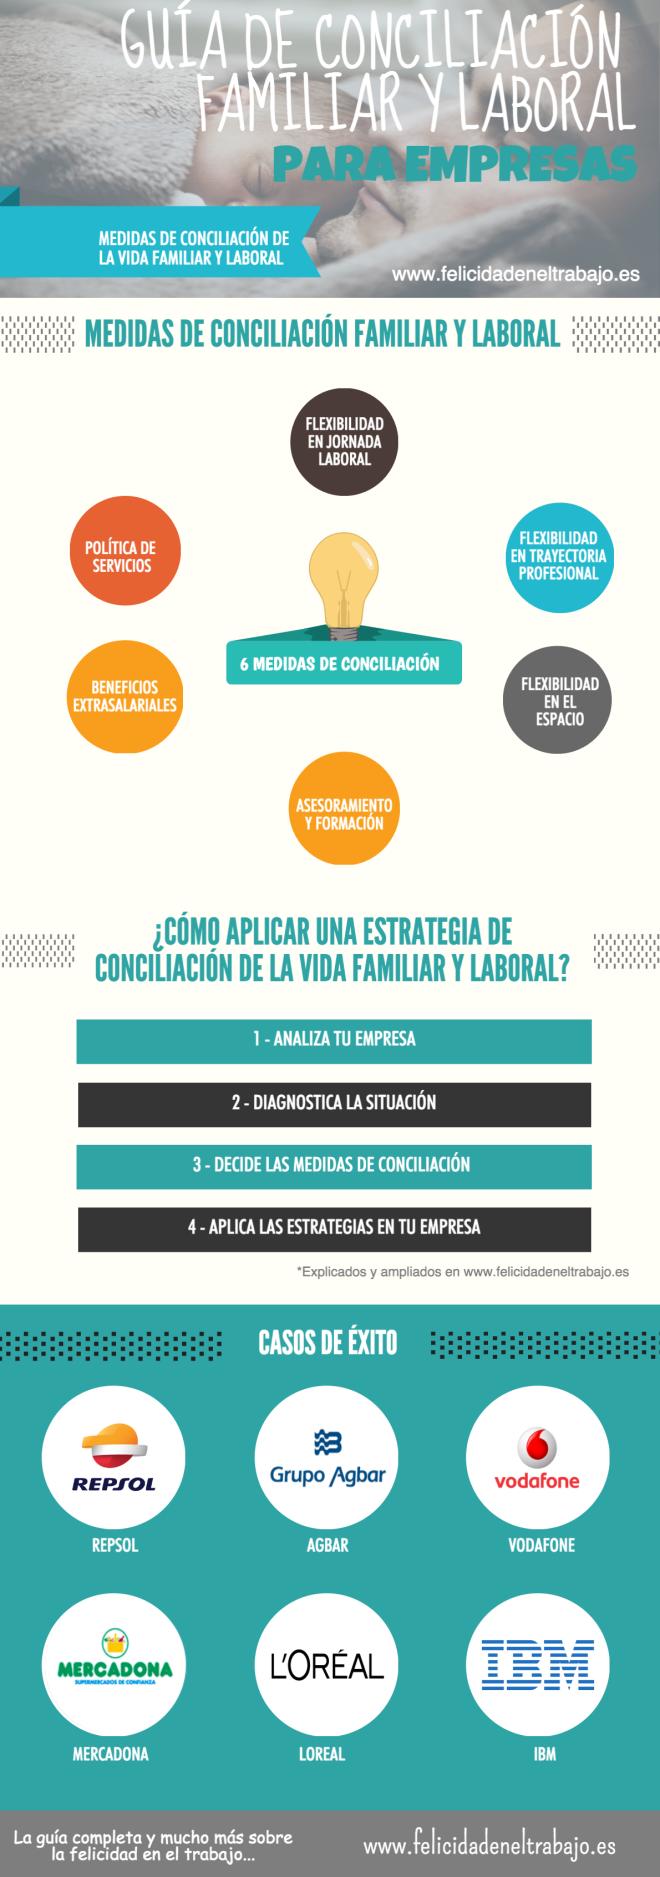 Guía de conciliación laboral y familiar para empresas